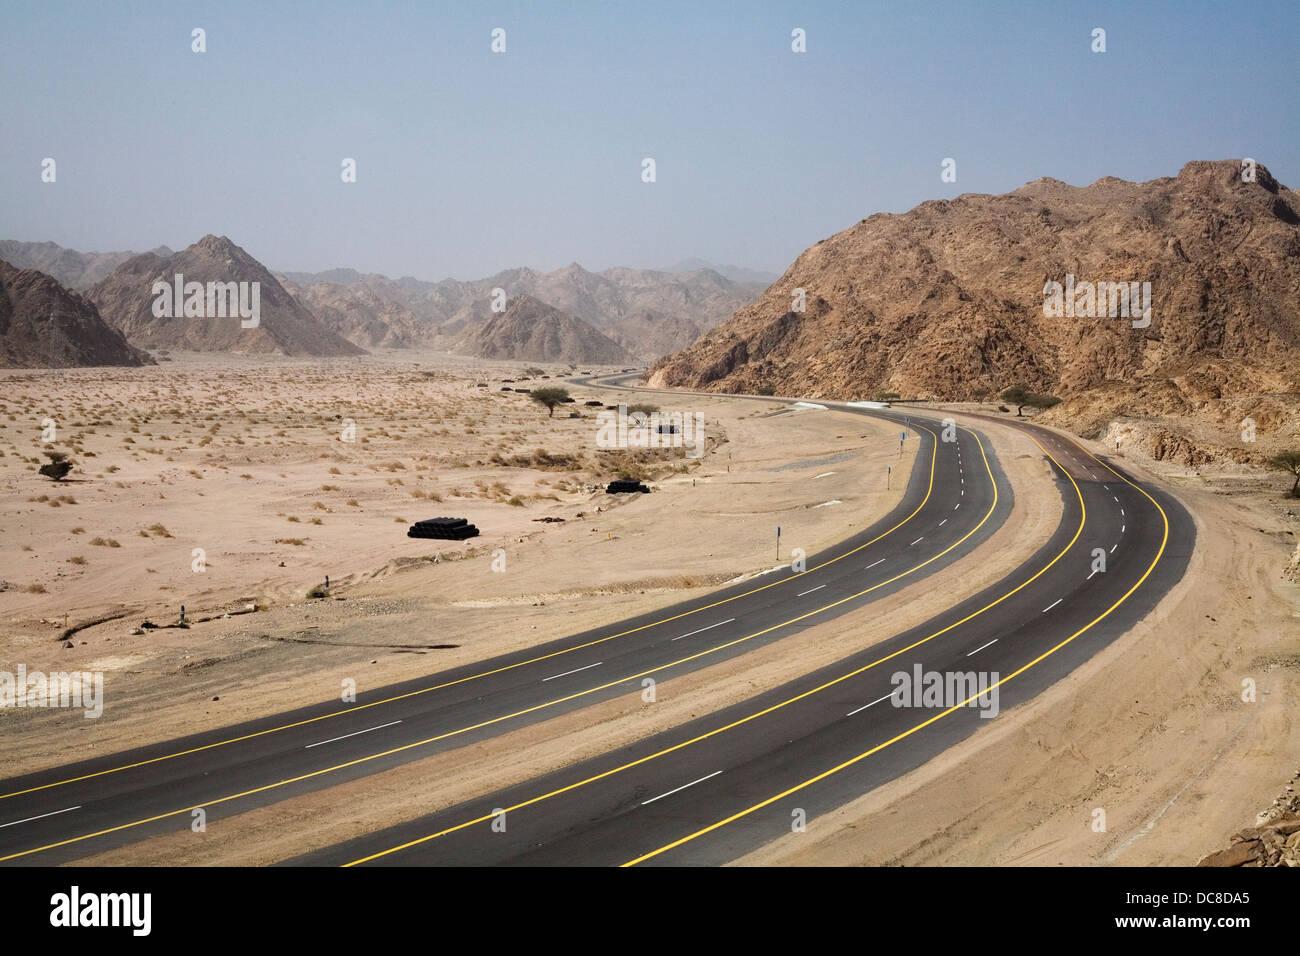 La carretera número 5 Duba-Haql pasando por las montañas Sarawat en el noroeste de Arabia Saudita. Imagen De Stock